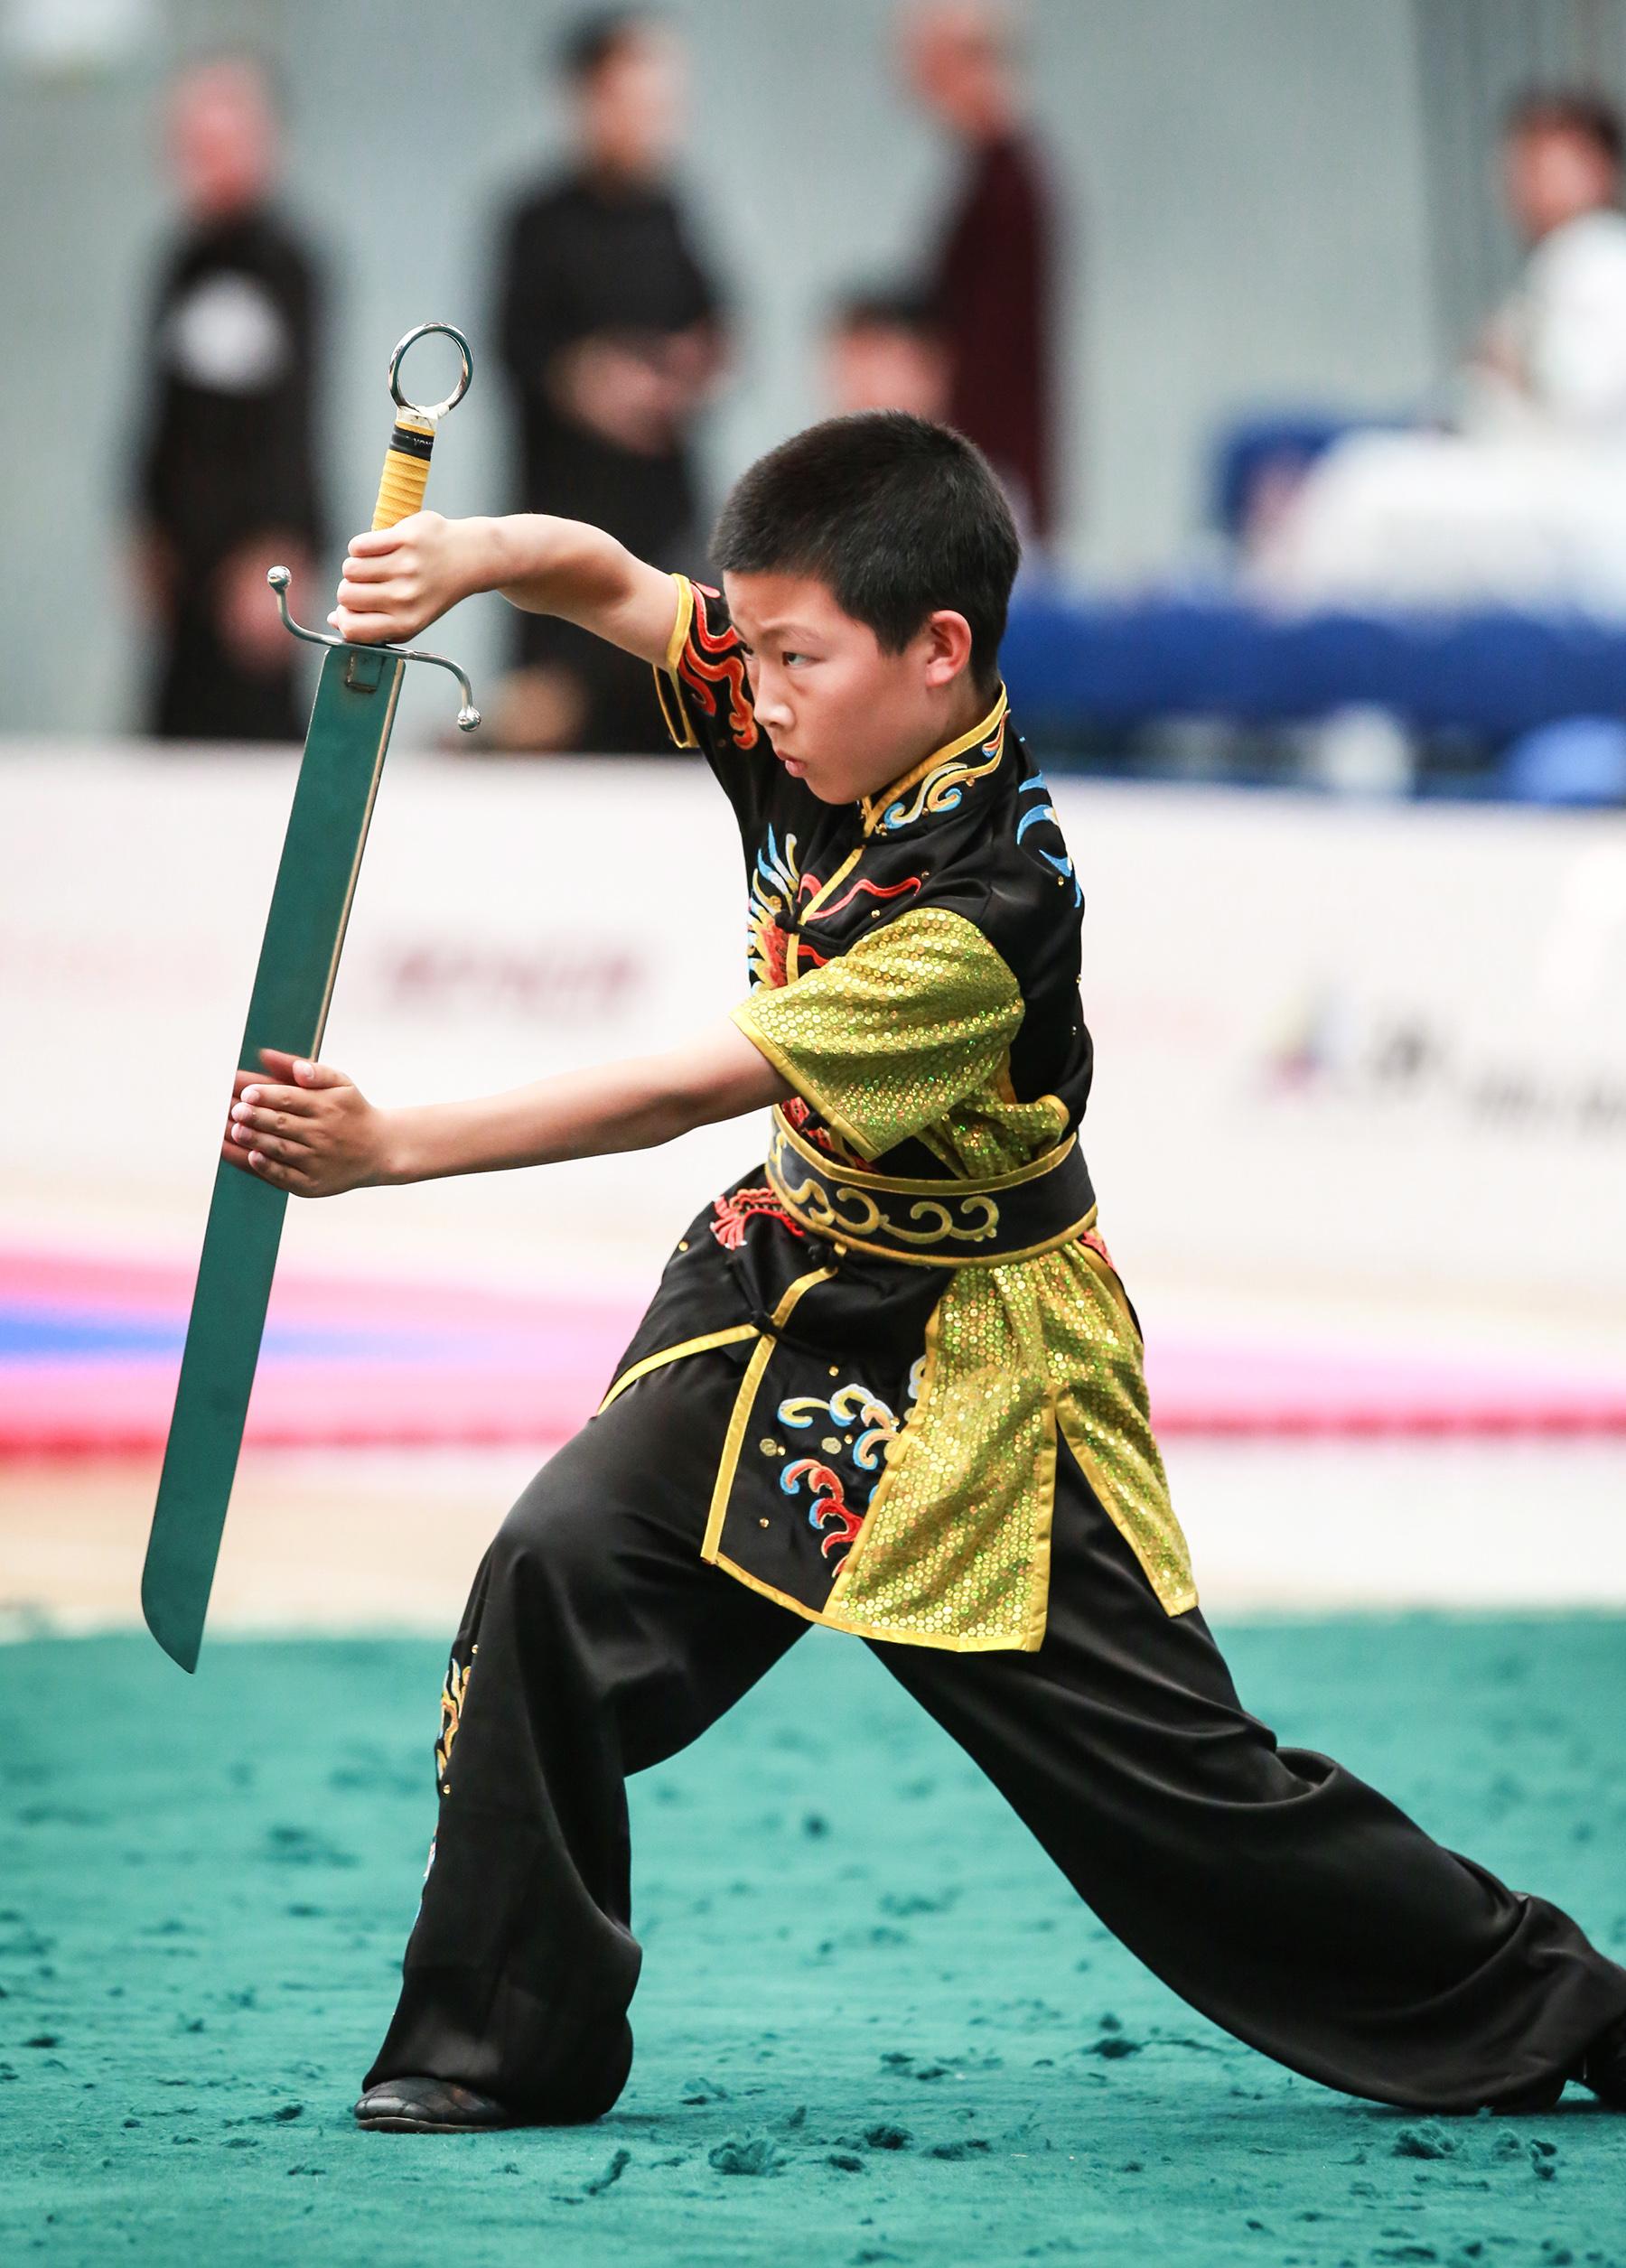 NZ Wushu 2019 Champs- Carter Weng0006 co